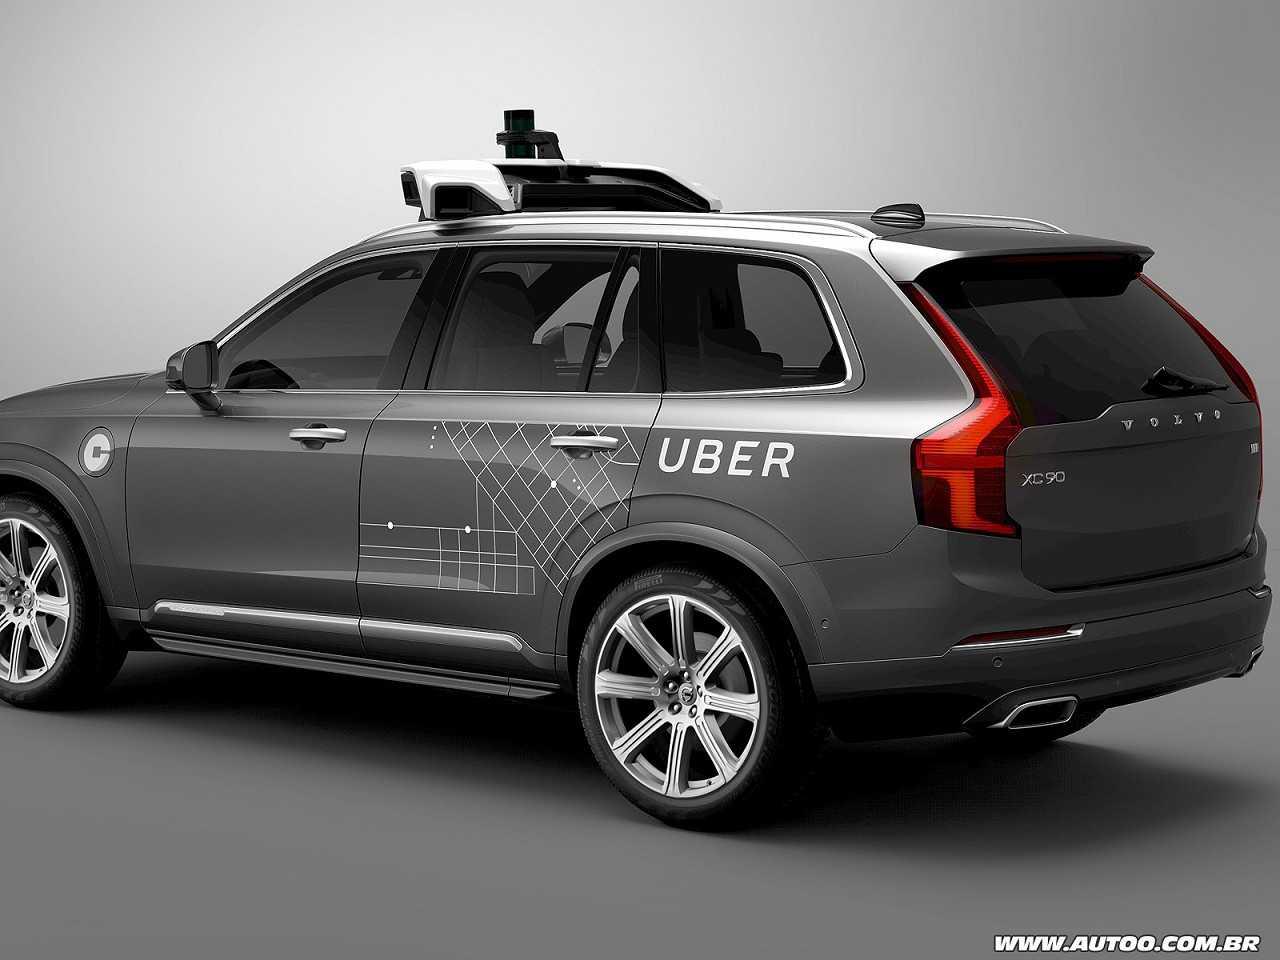 Volvo XC90 adaptado para condução autônoma nível 4 que será usado pela Uber nos EUA